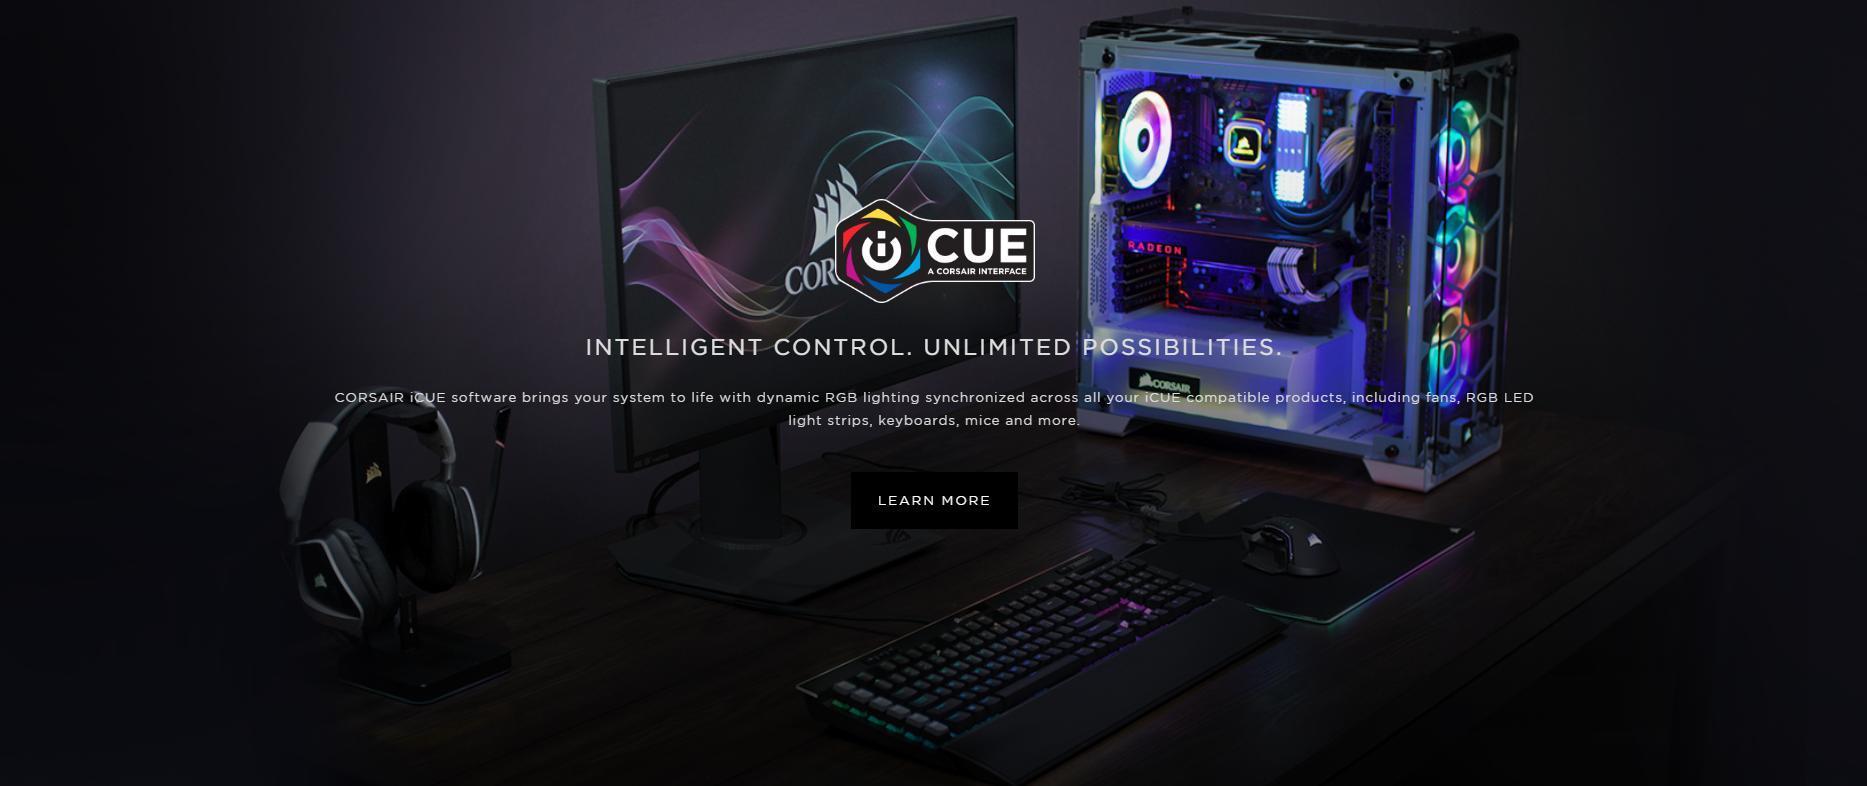 Fan Case Corsair LL140 RGB 140mm Dual Light Loop RGB LED Single Pack với ánh sáng RGB động được đồng bộ hóa trên tất cả các sản phẩm tương thích iCUE